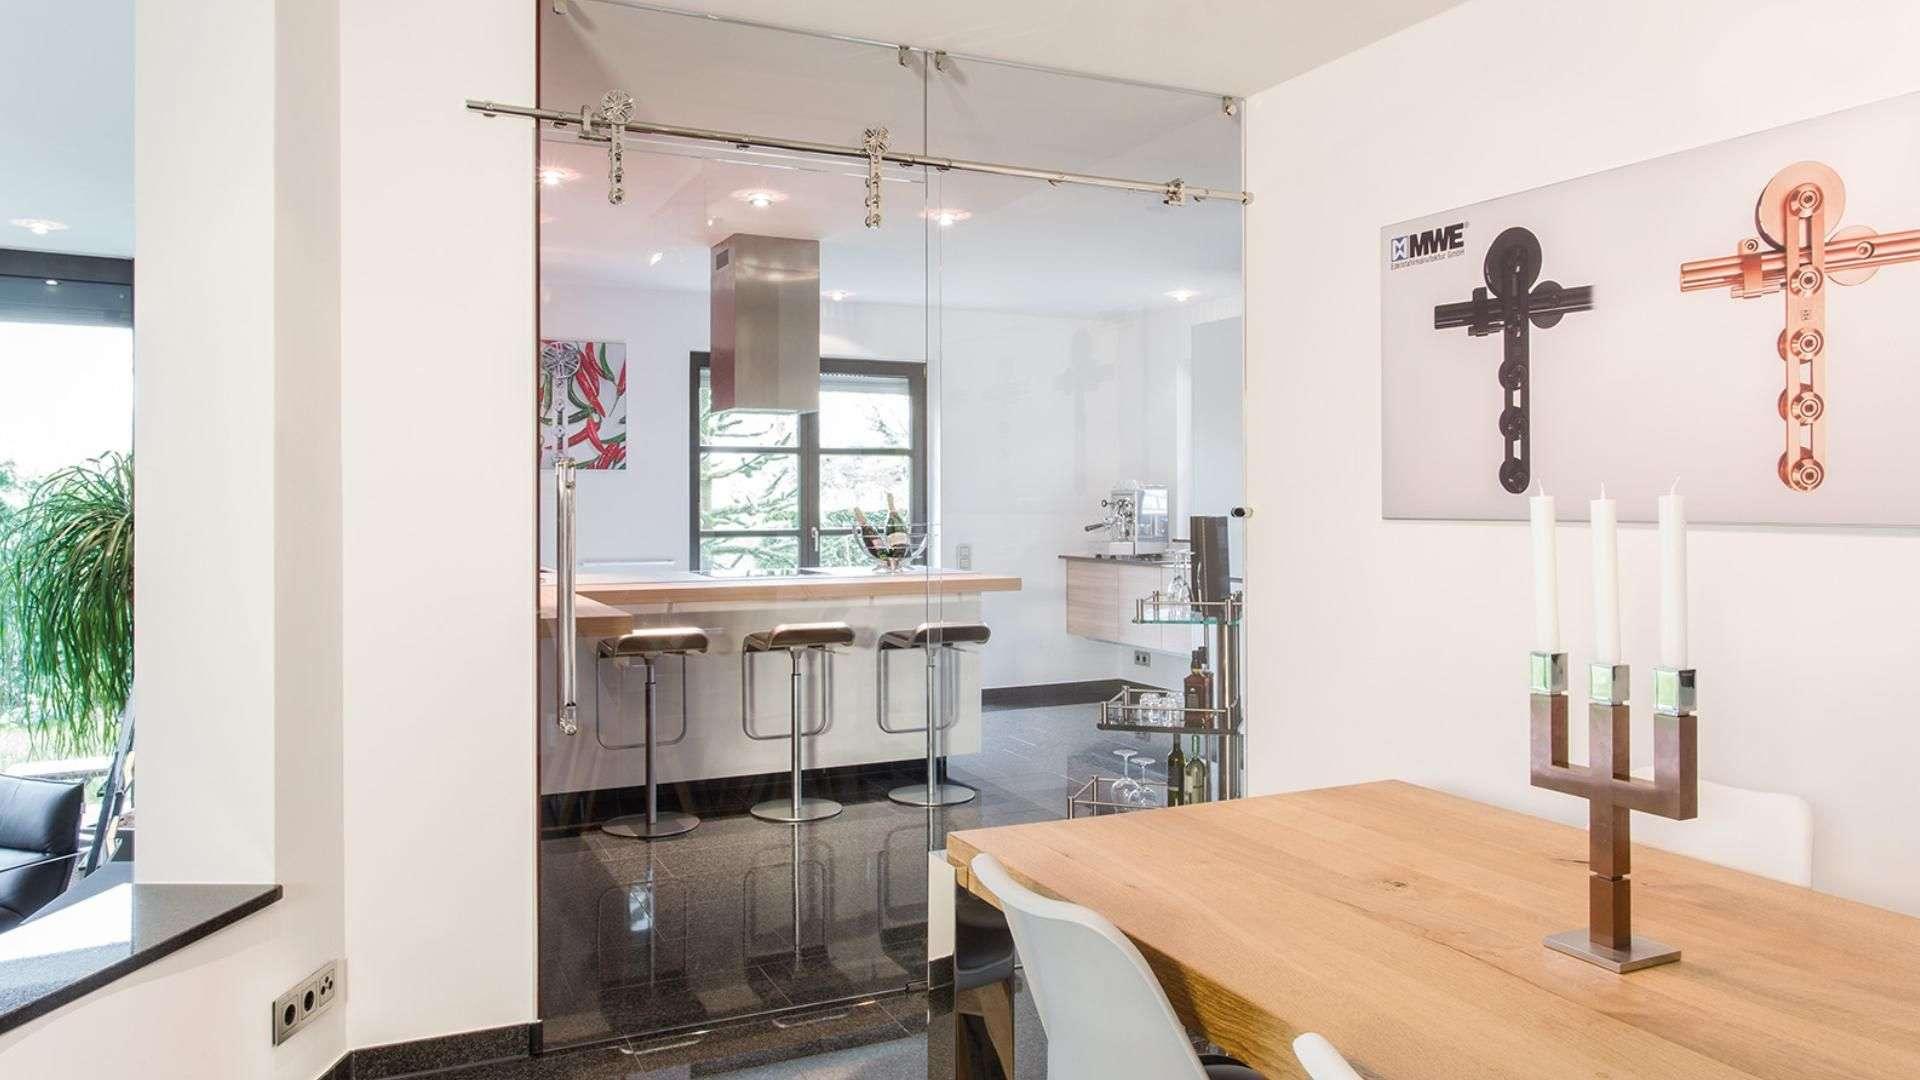 Schiebetür als Glas zwischen Küche und Esszimmer